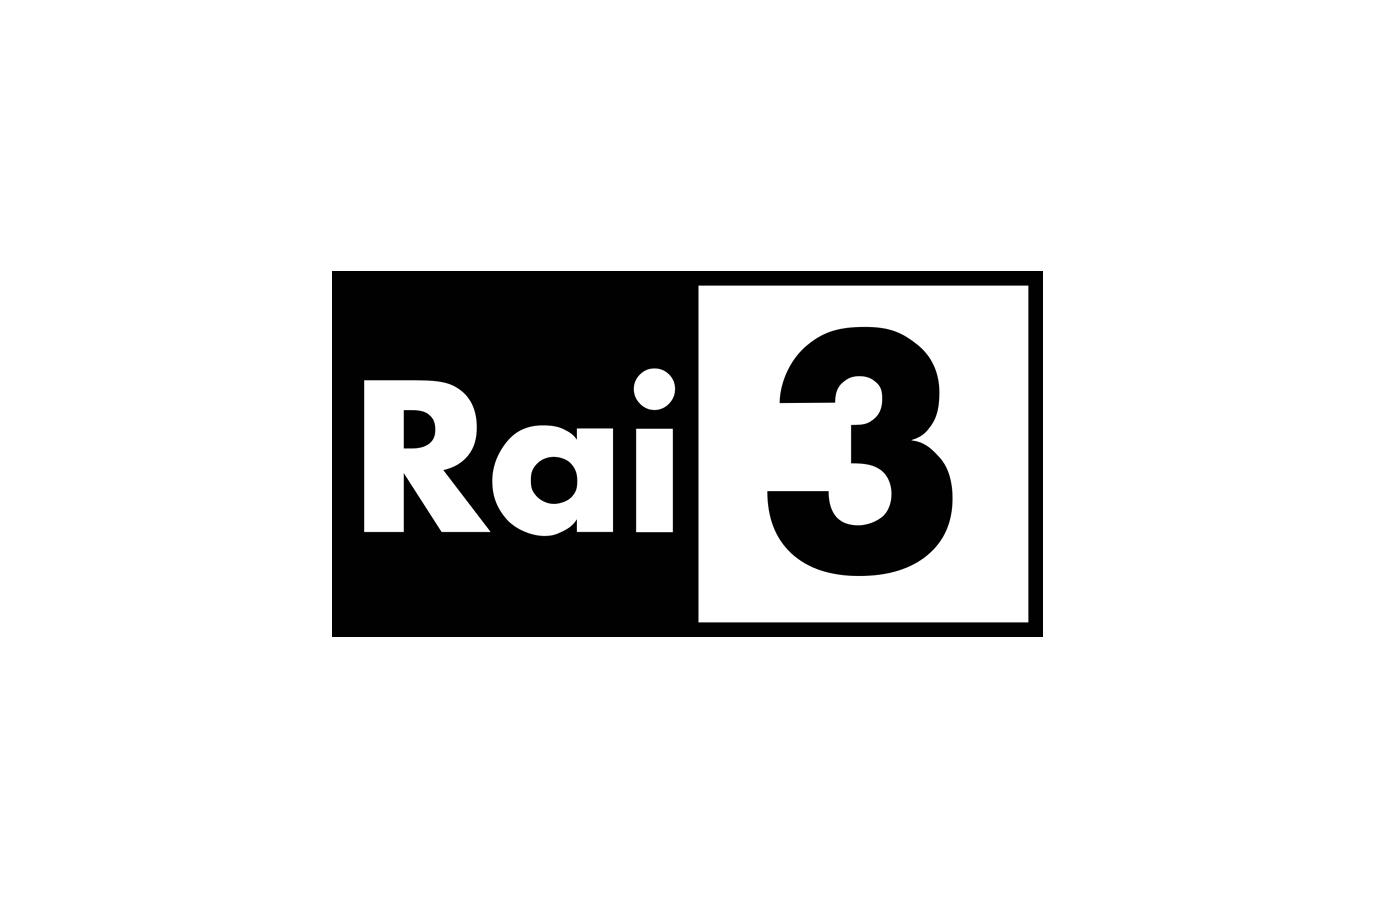 rai3_bn